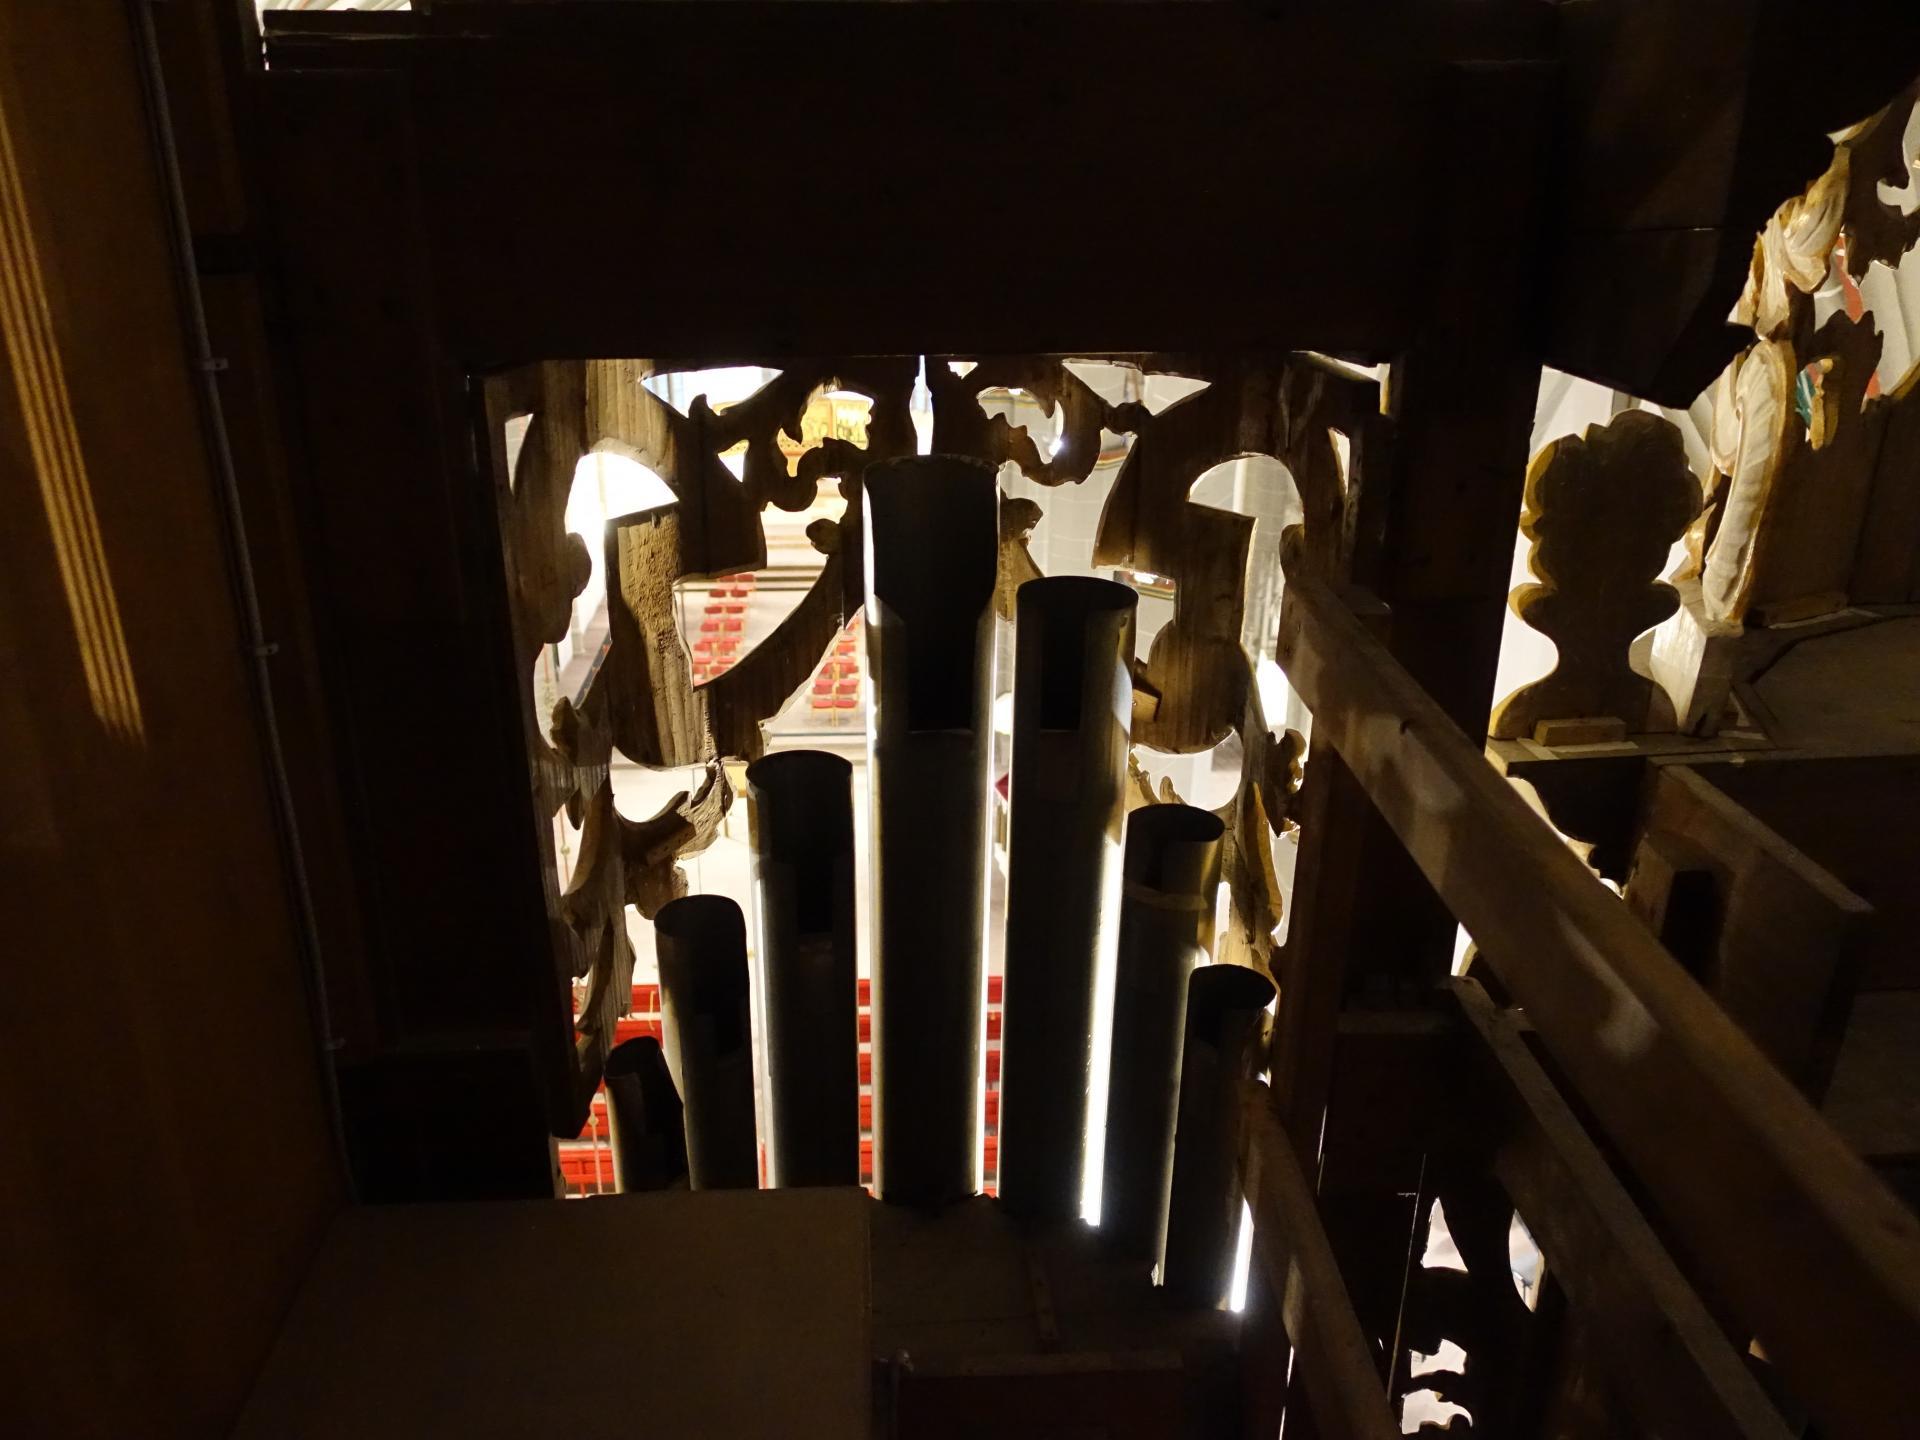 Ganz oben aus der Orgel mit Pfeifen im Vordergrund und roten Bänken im Untergrund